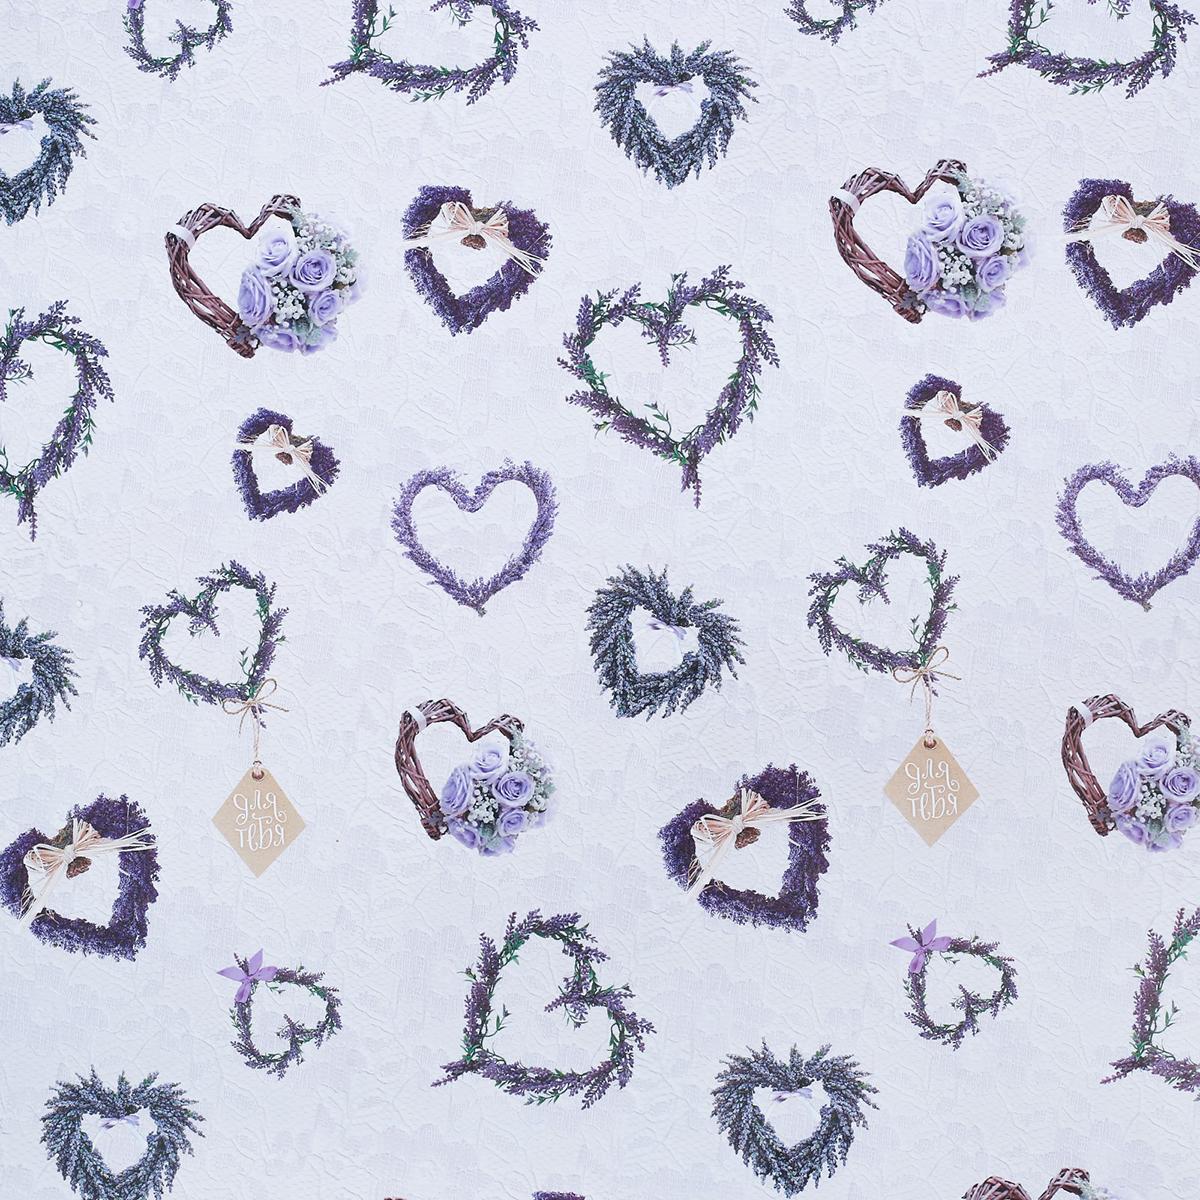 Бумага упаковочная Дарите счастье Лавандовые сердечки, глянцевая, 70 х 100 см. 2862086 бумага упаковочная дарите счастье цветы глянцевая 70 х 100 см 2887323